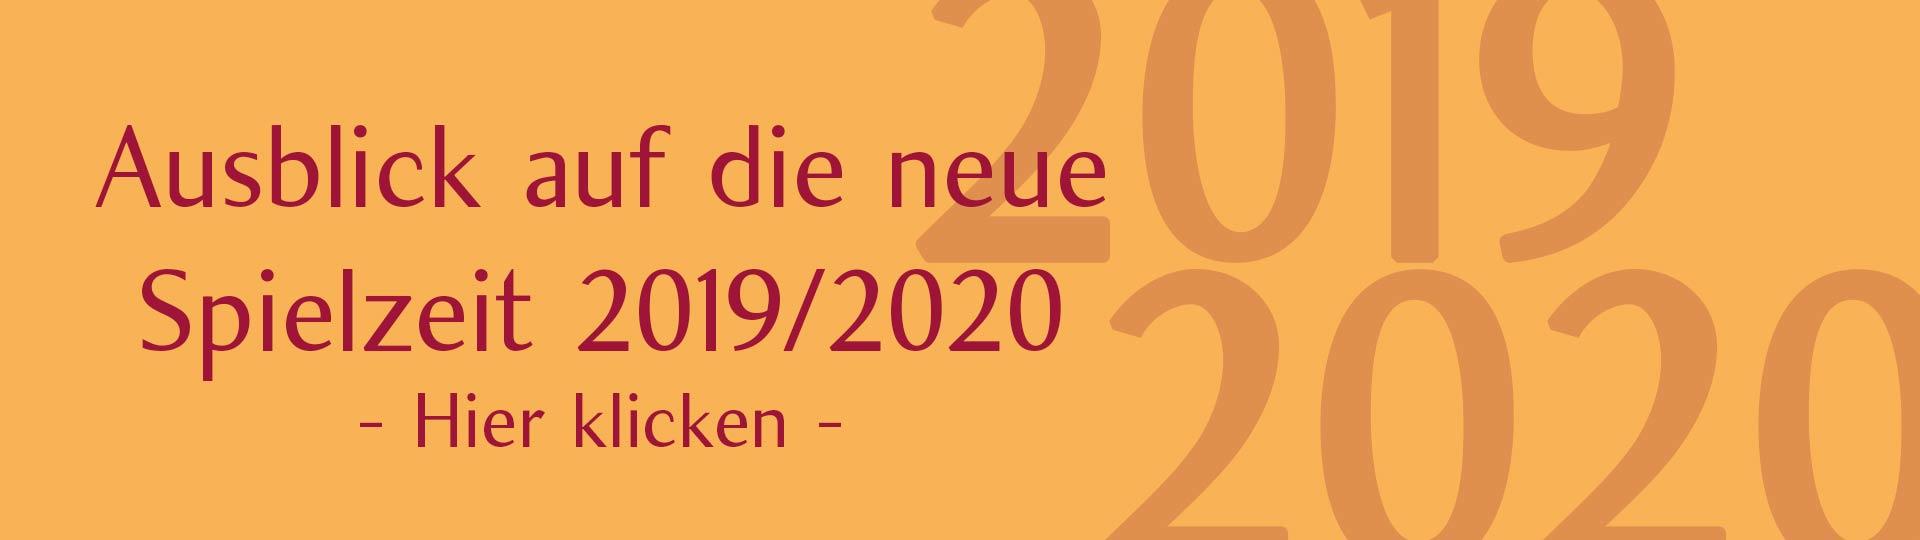 Ausblick Spielzeit 2019/2020